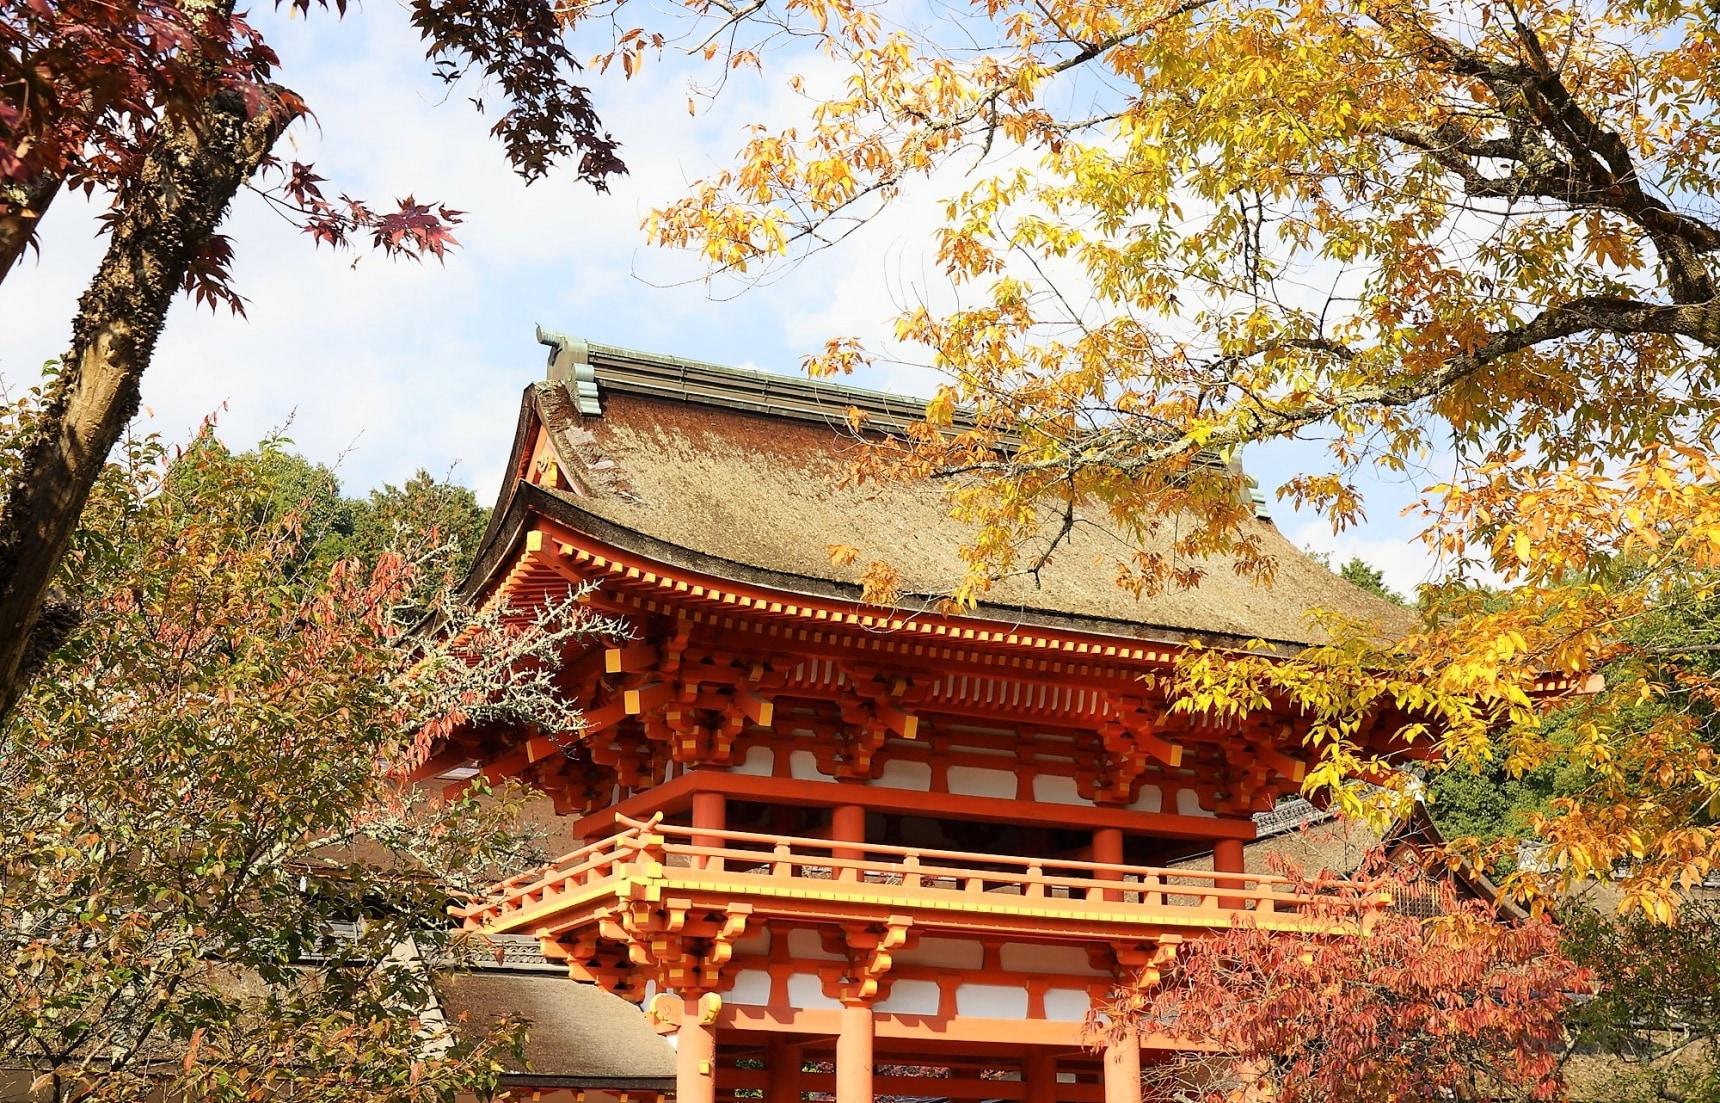 【京都自由行】參拜能量景點「上賀茂神社」再逛市集!追楓者別錯過~秋季御守限定販售中!